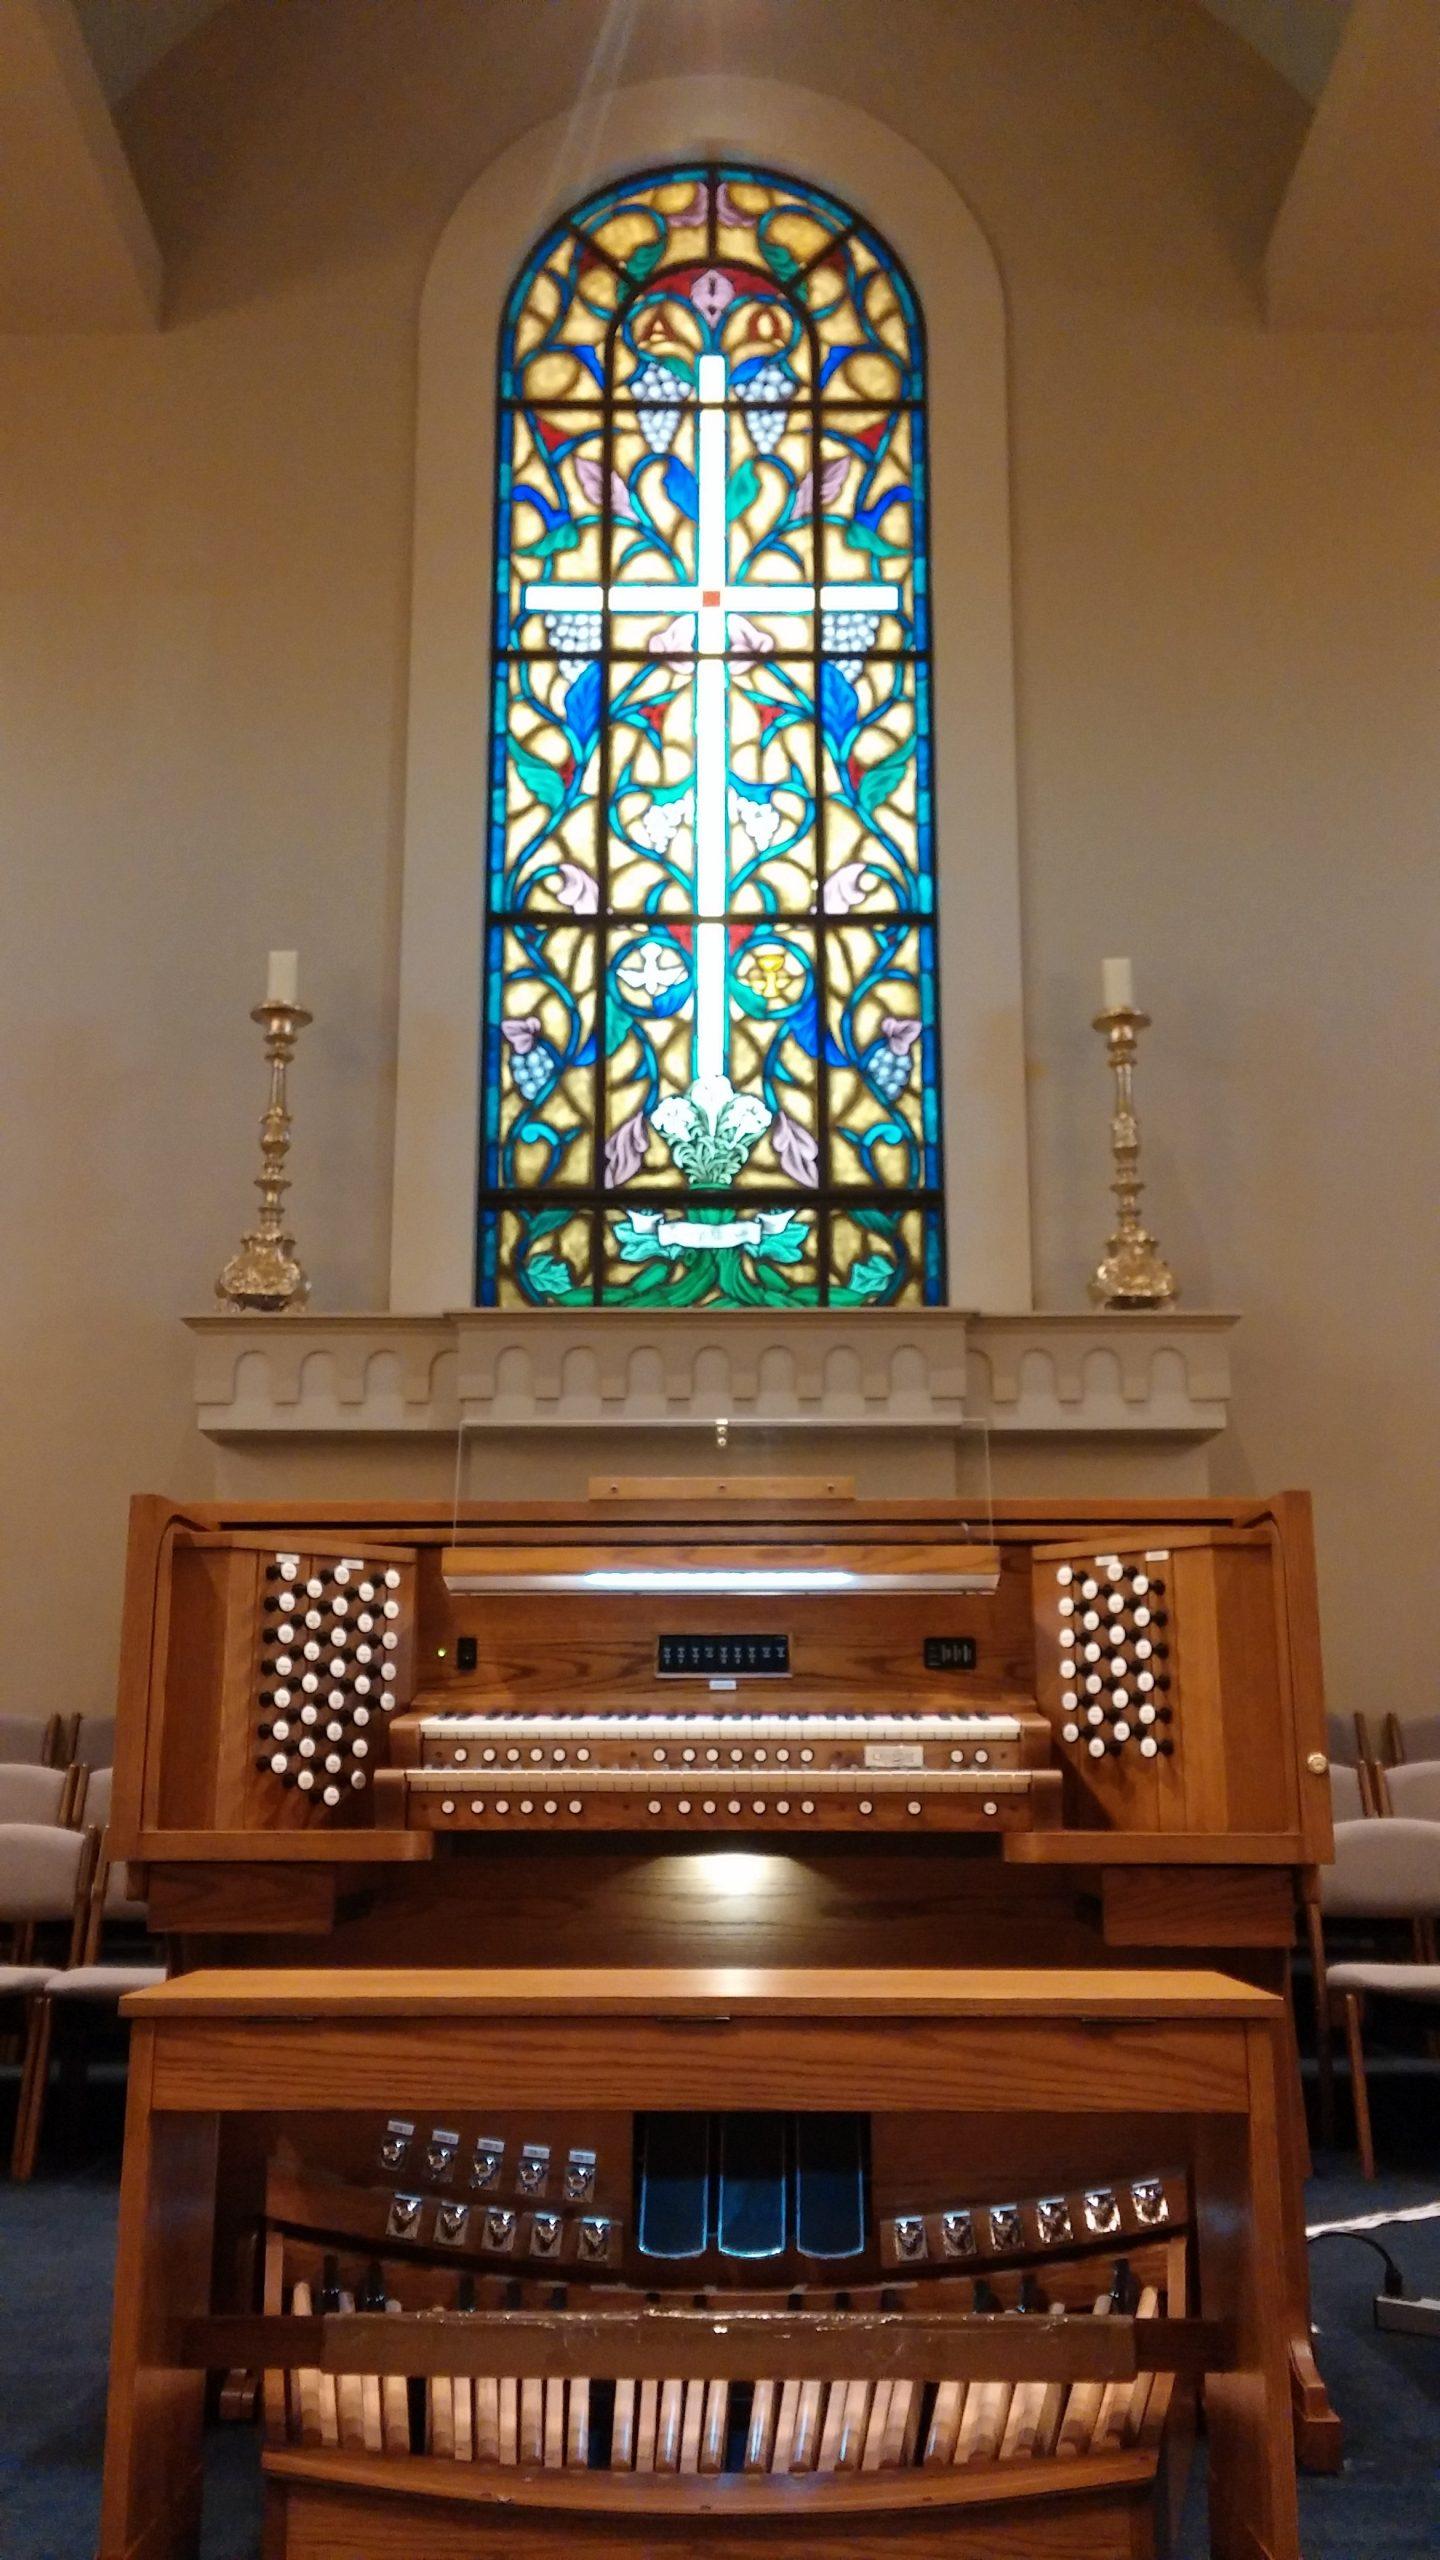 Allen Organ at Young Meadows Presbyterian Church in Montgomery, Alabama